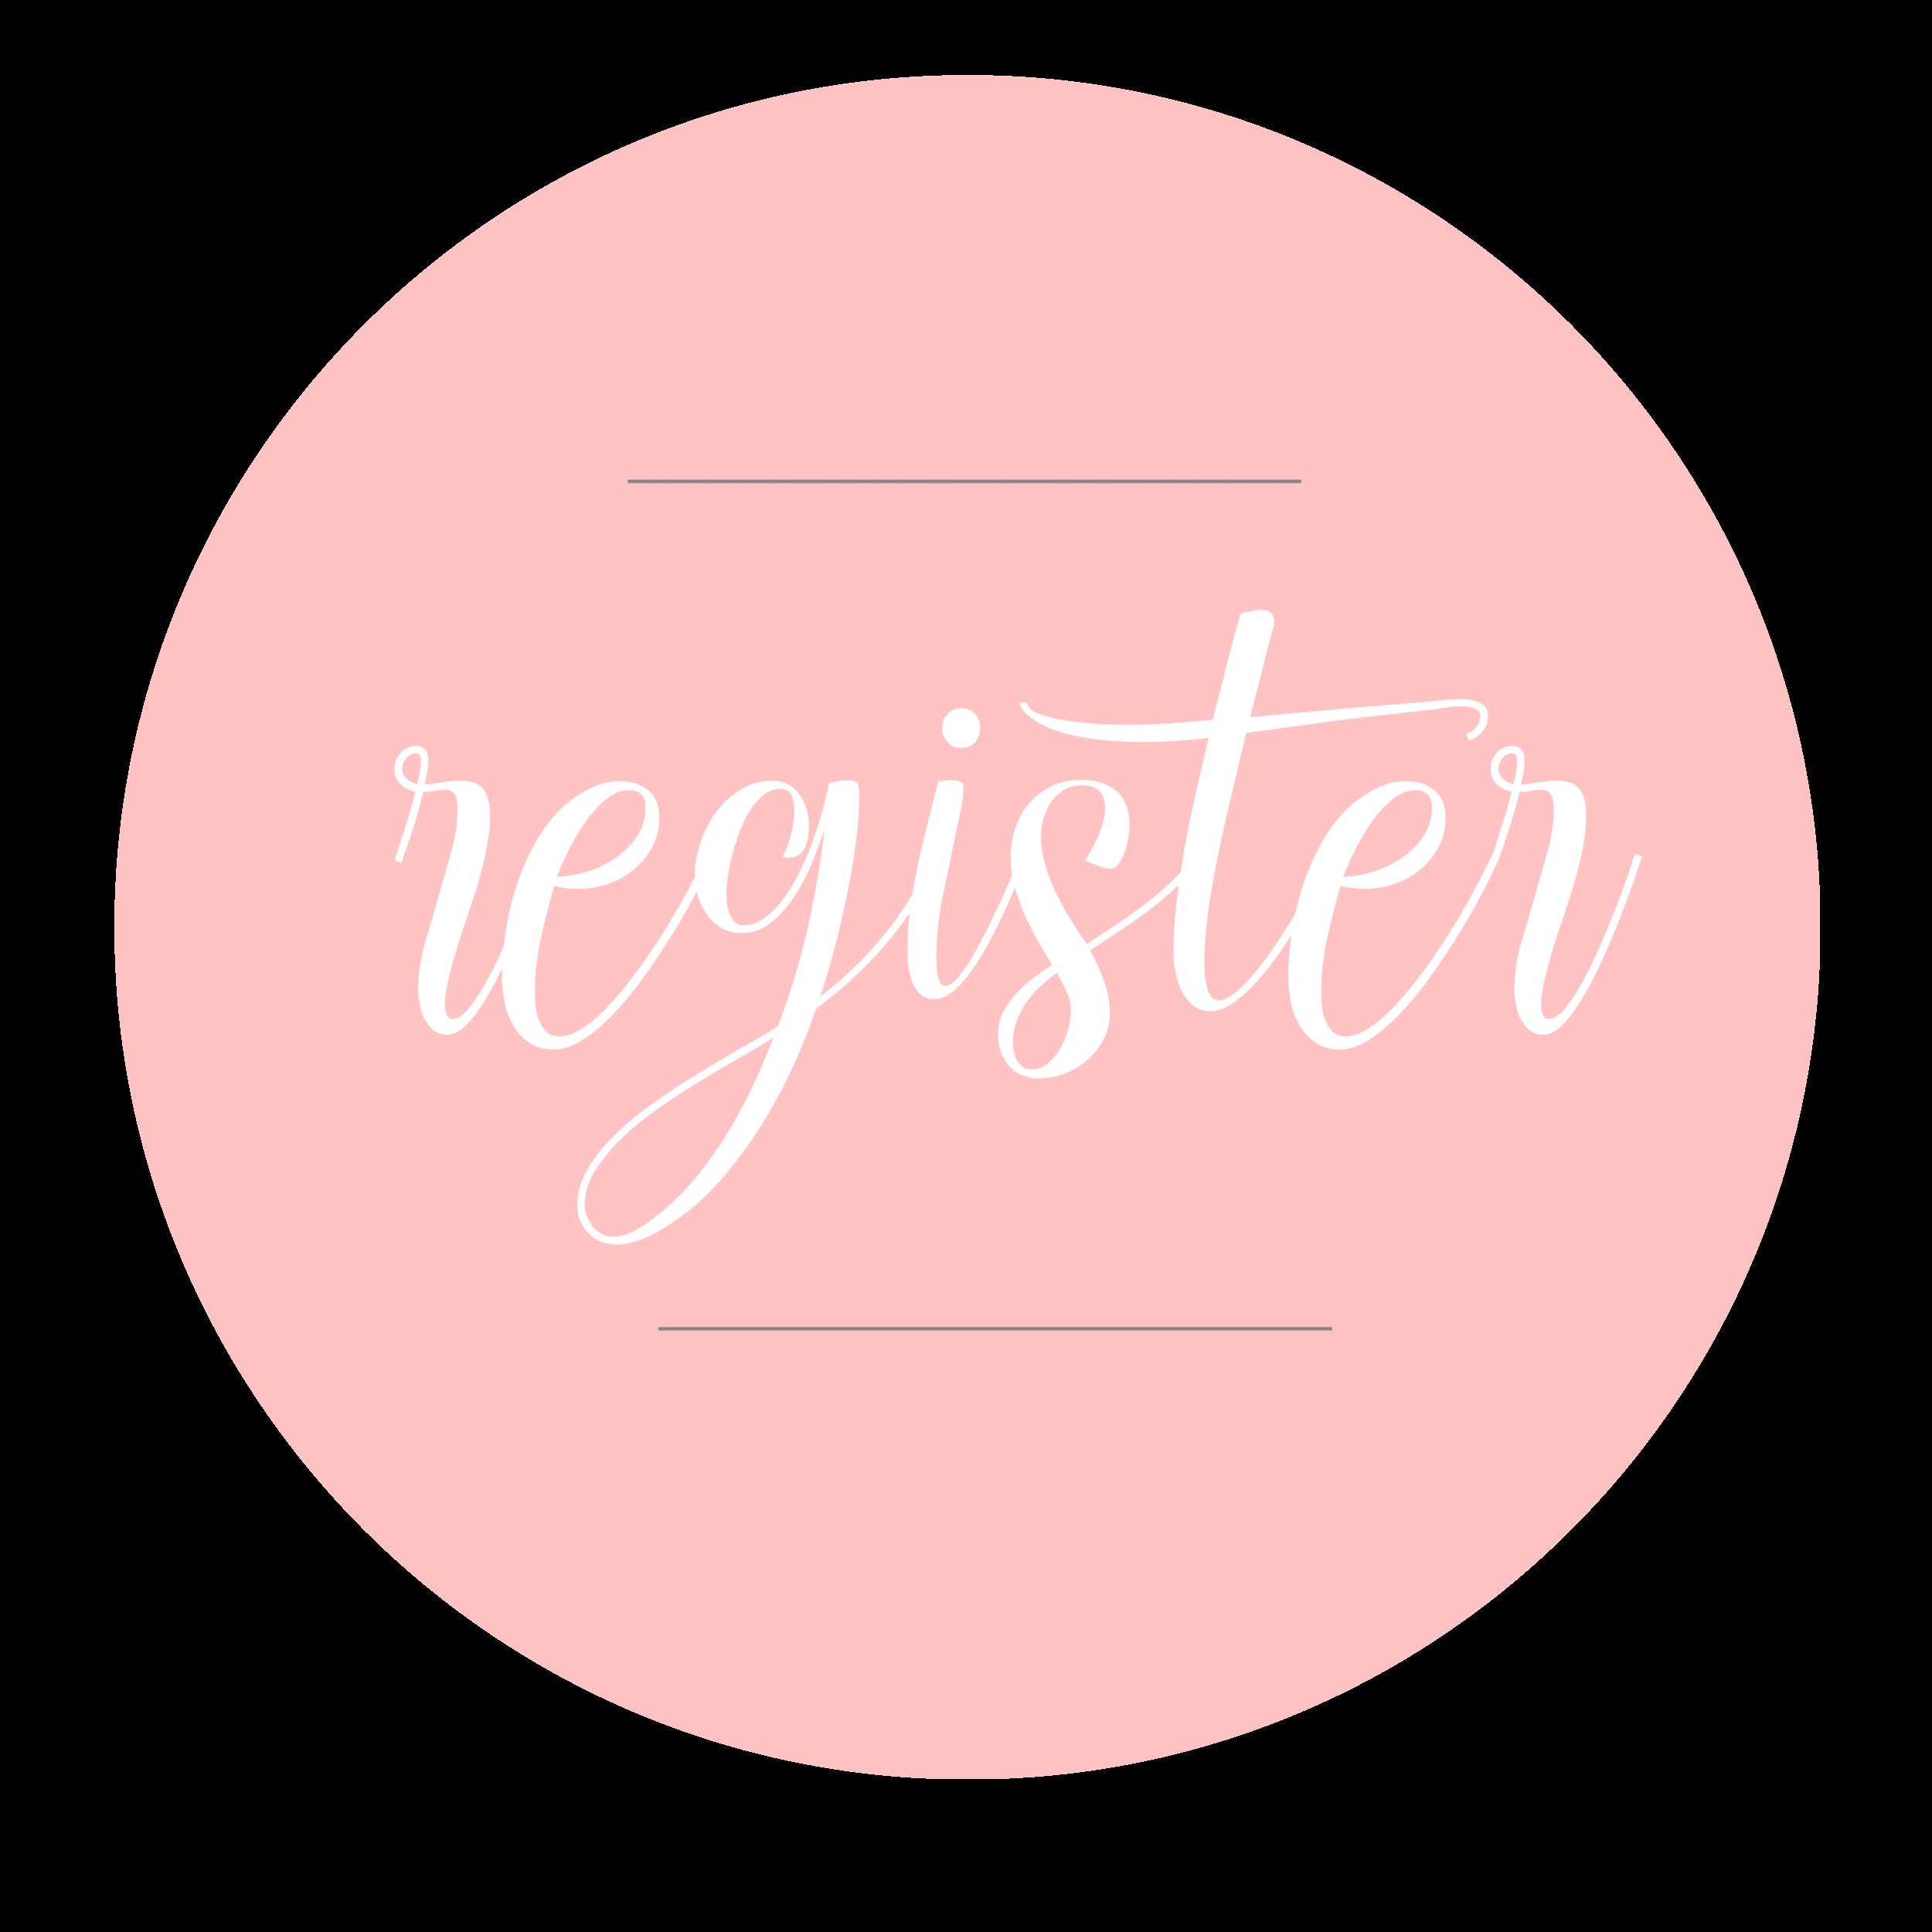 register dot.png